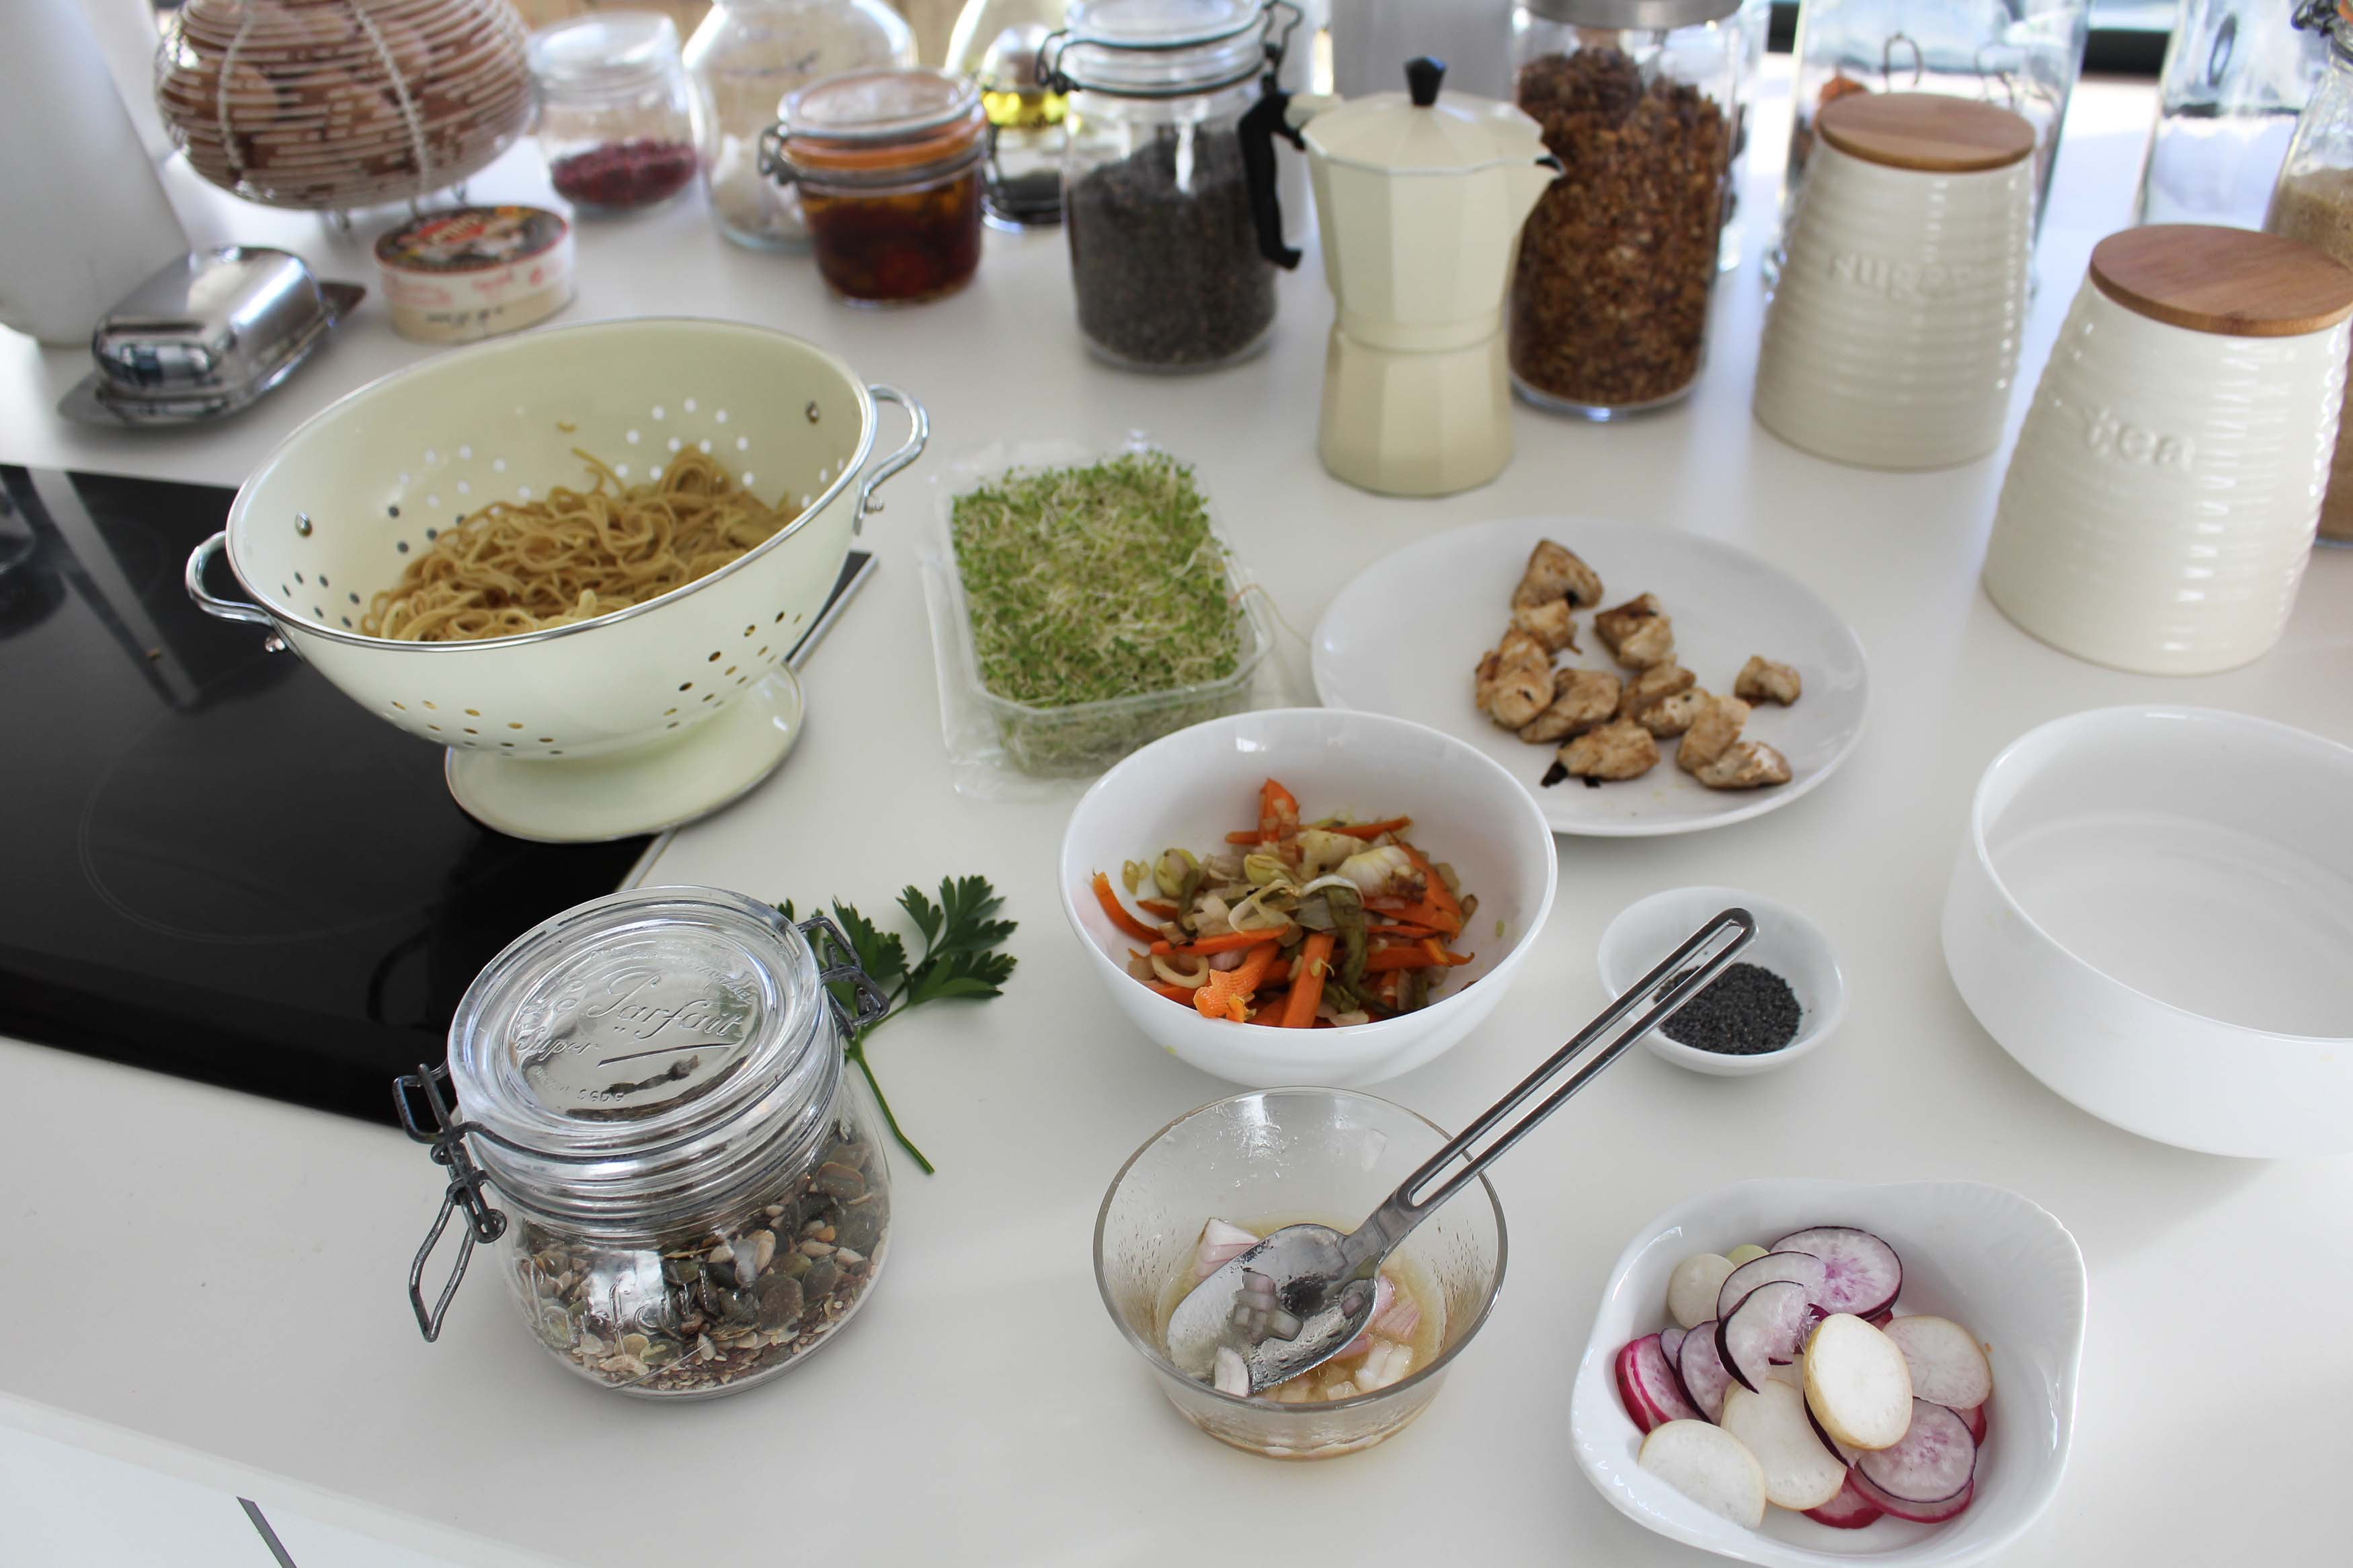 cuisine-westwing-recette-linstantflo-20-sur-27